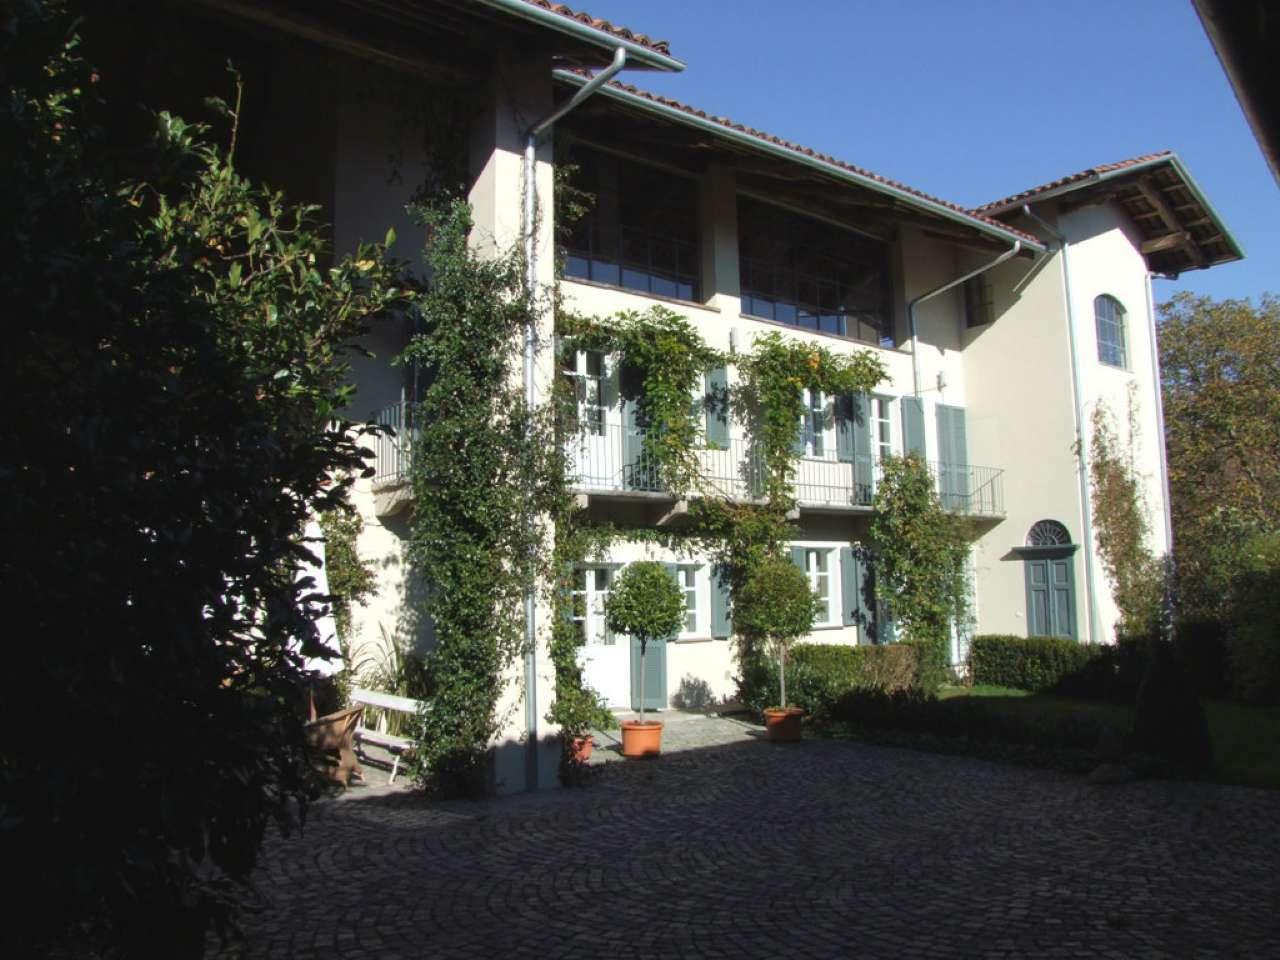 Rustico / Casale in vendita a Agliè, 9 locali, prezzo € 600.000 | CambioCasa.it